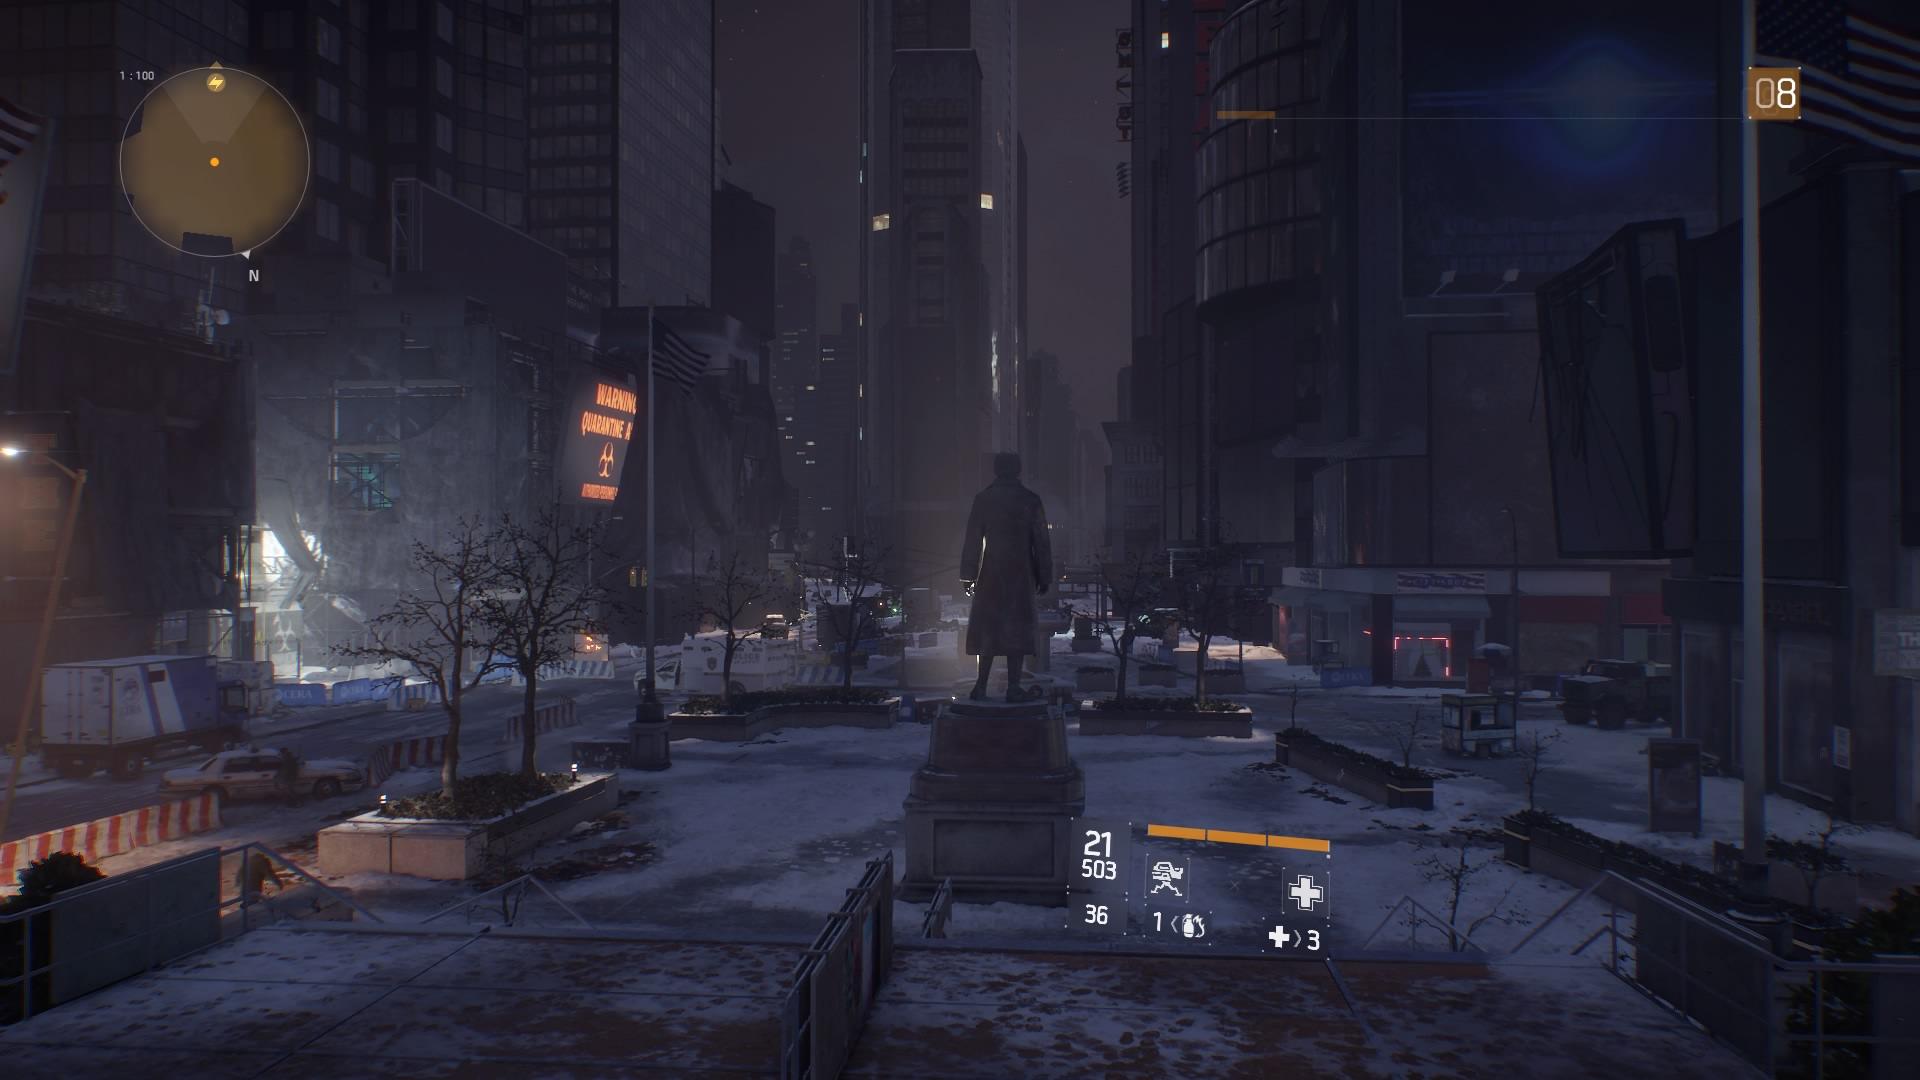 Direkt am Square ist es dunkel.